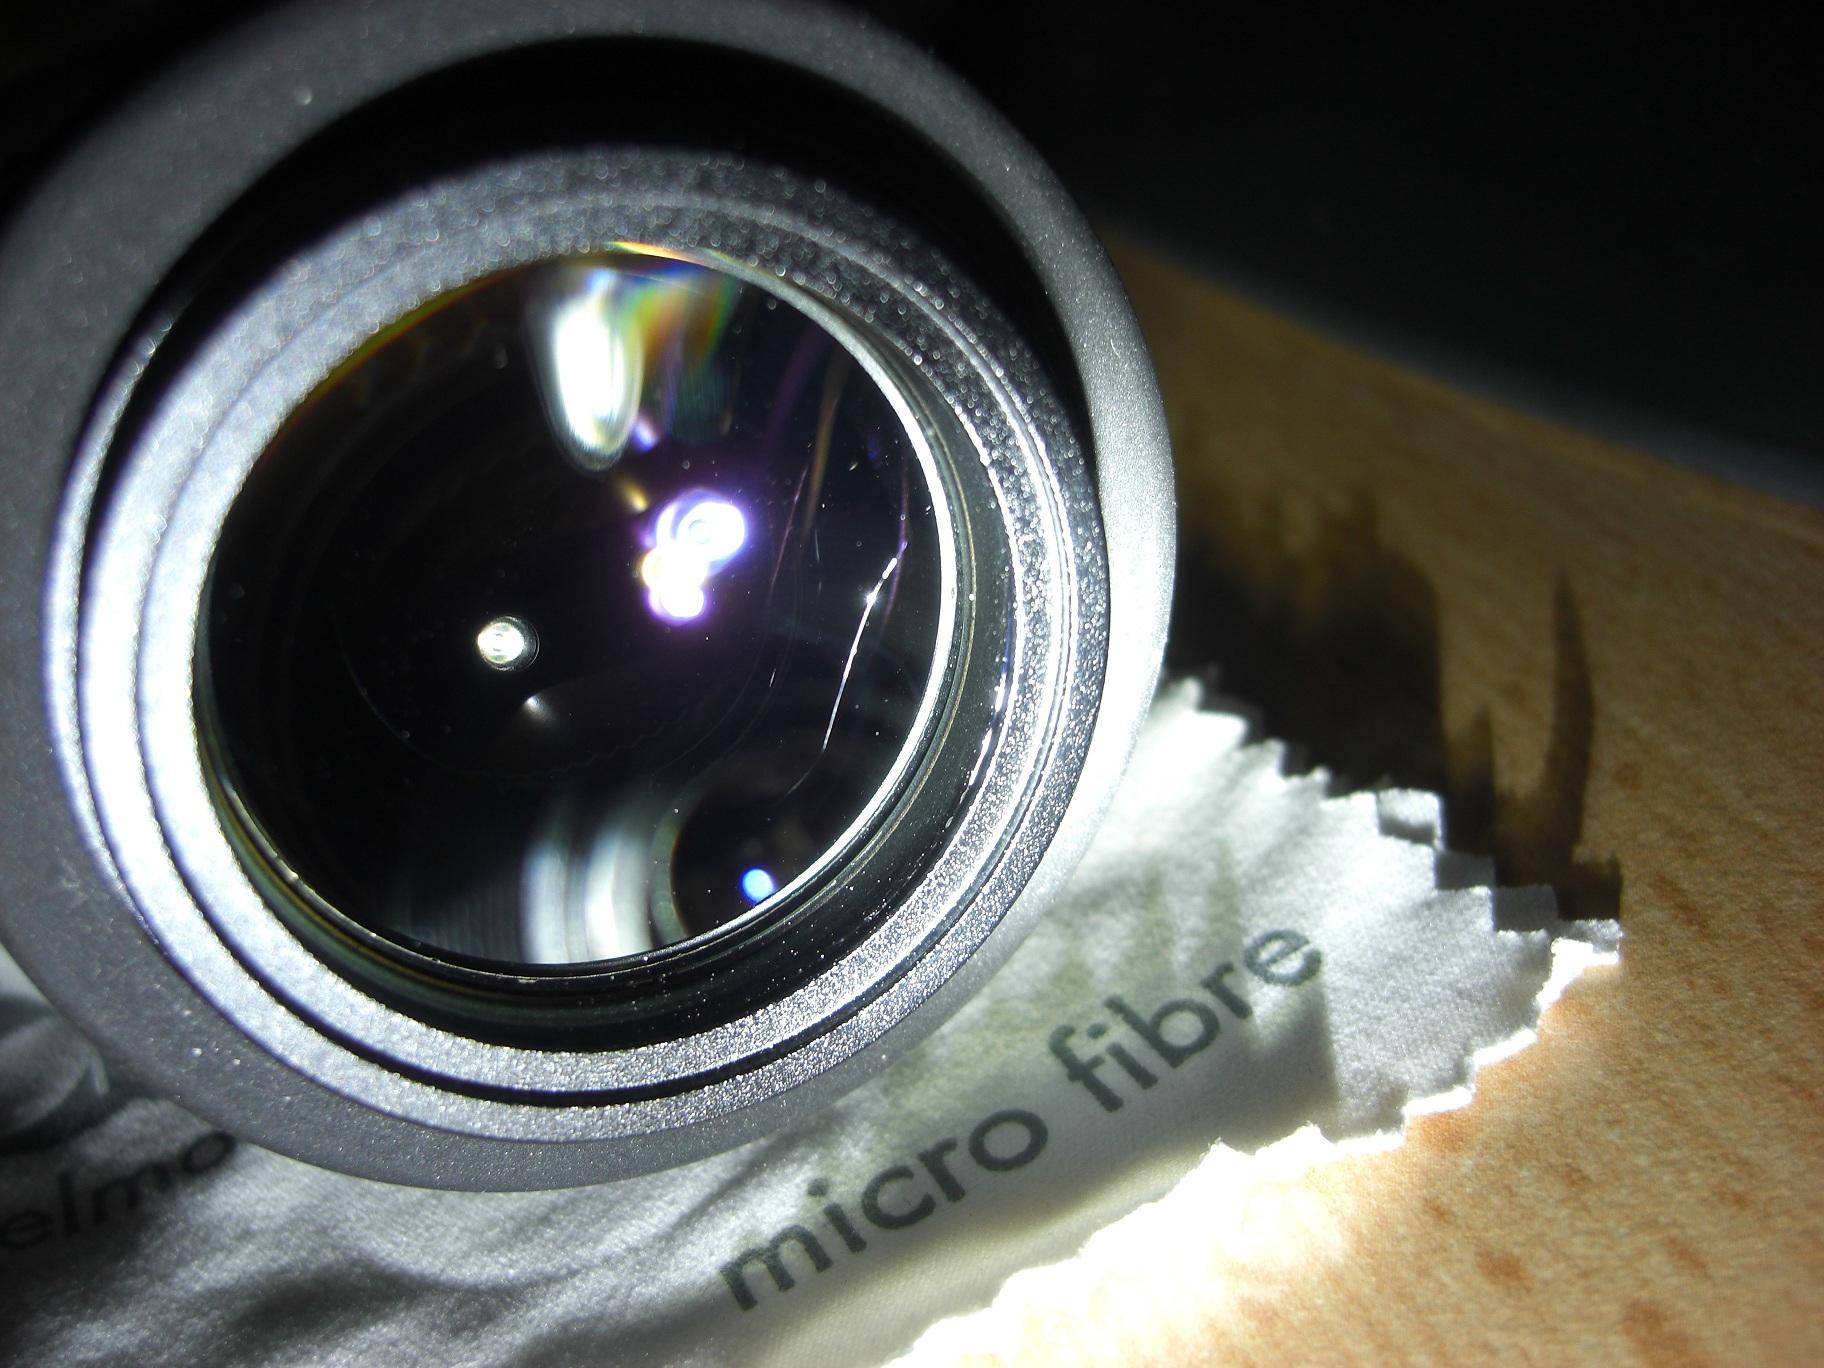 astrotreff astronomie treffpunkt okularlinse zerkratzt gesprungen. Black Bedroom Furniture Sets. Home Design Ideas